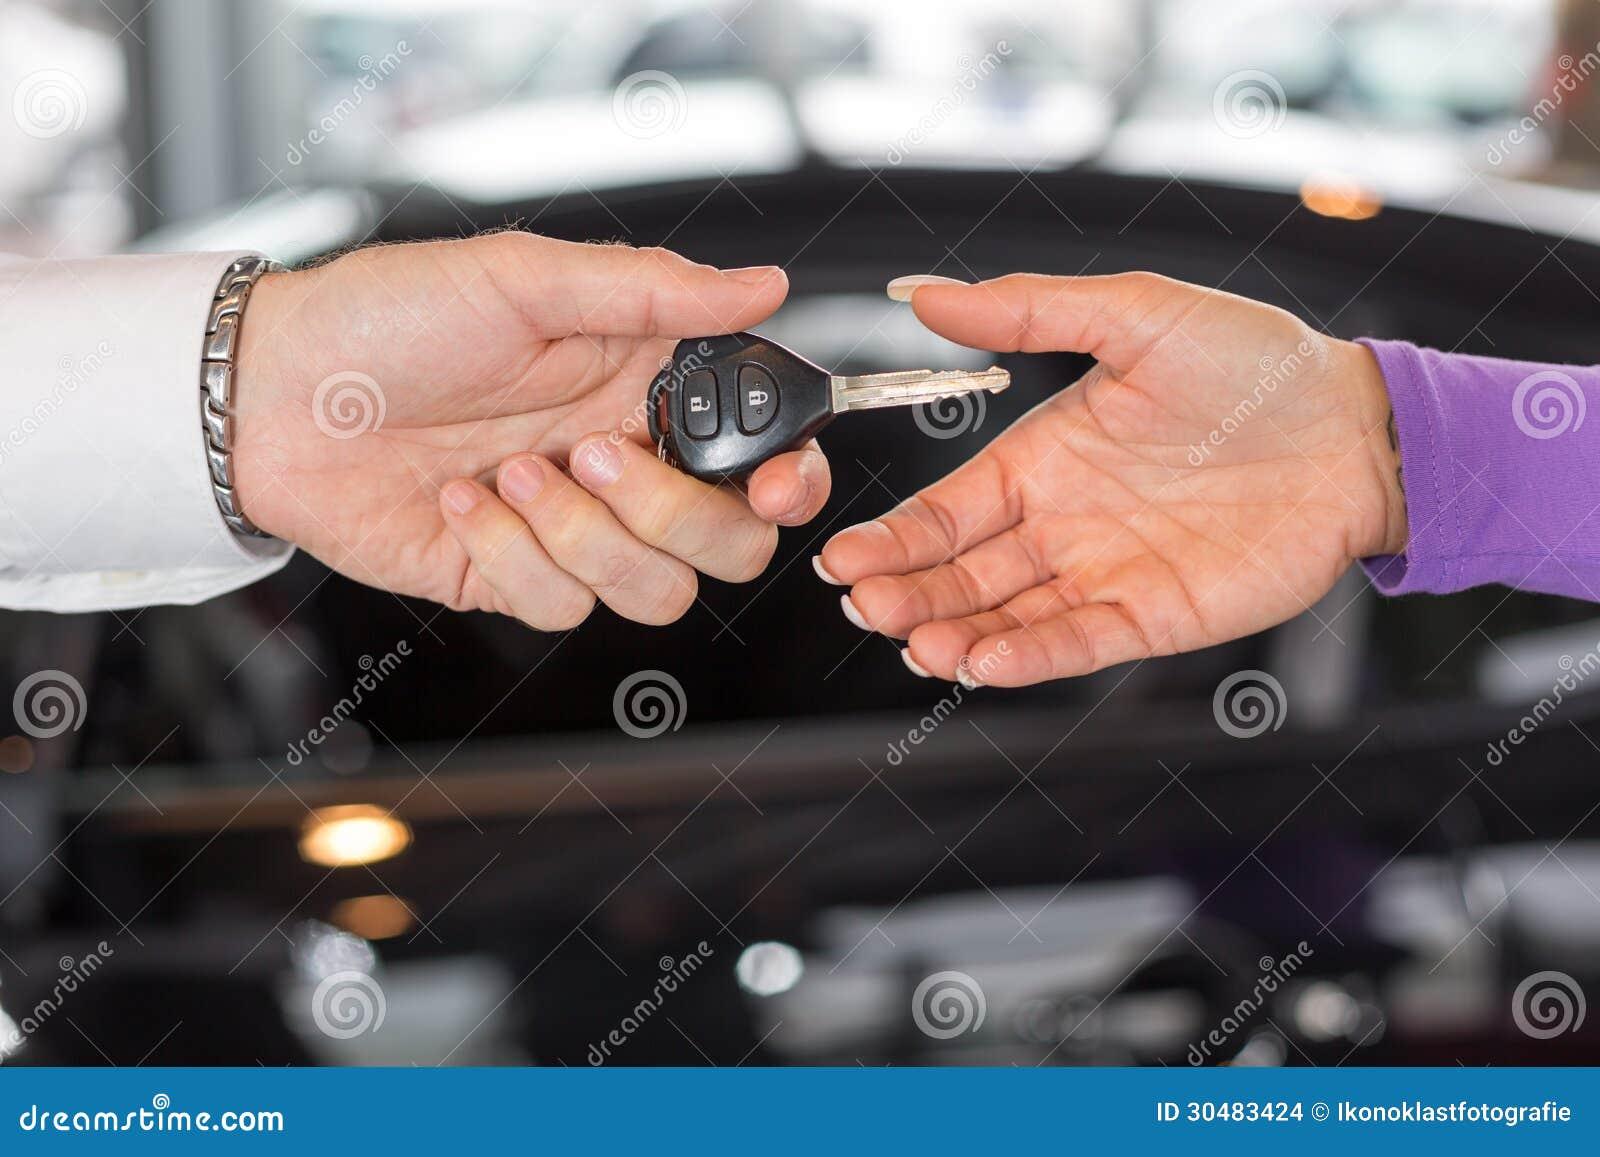 Samochodowy sprzedawca wręcza nad samochodem wpisuje w przedstawicielstwie handlowym